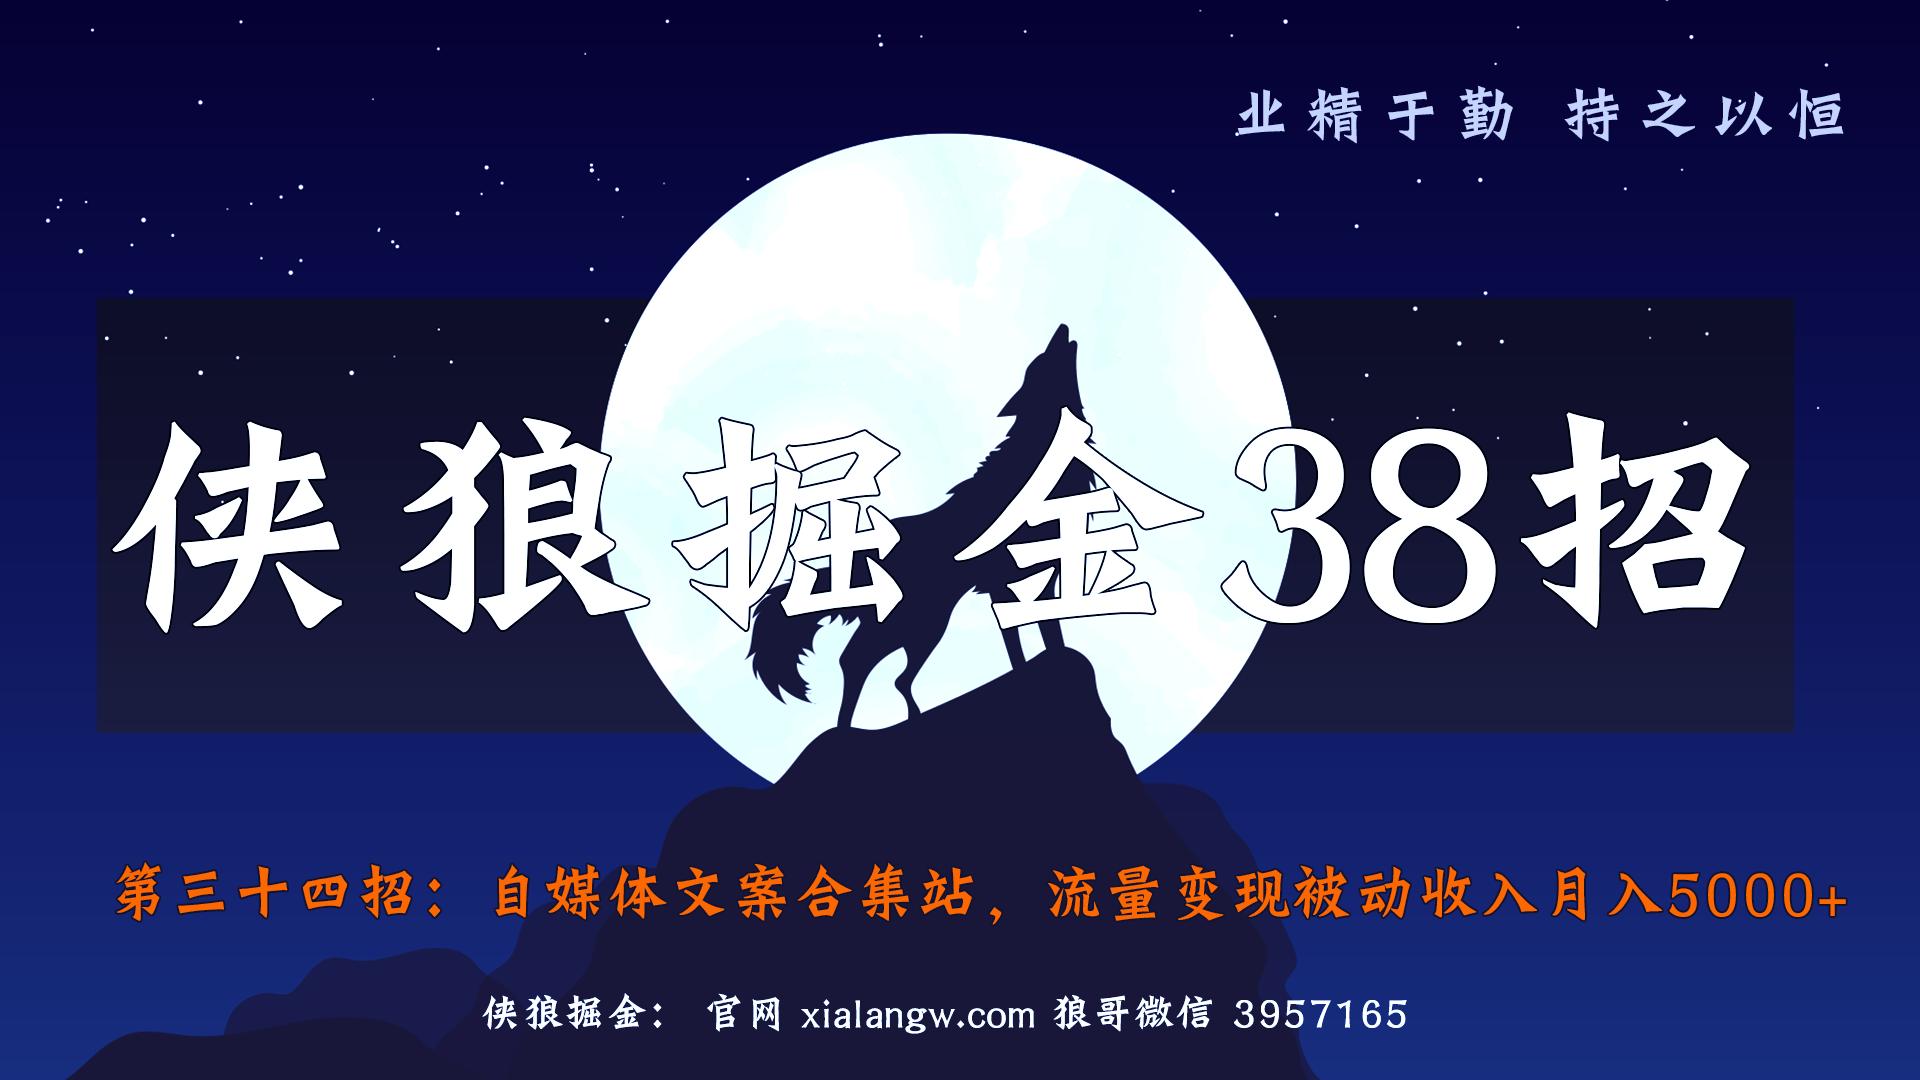 侠狼掘金38招第33招批量添加视频水印,精准流量自动上门寻找!